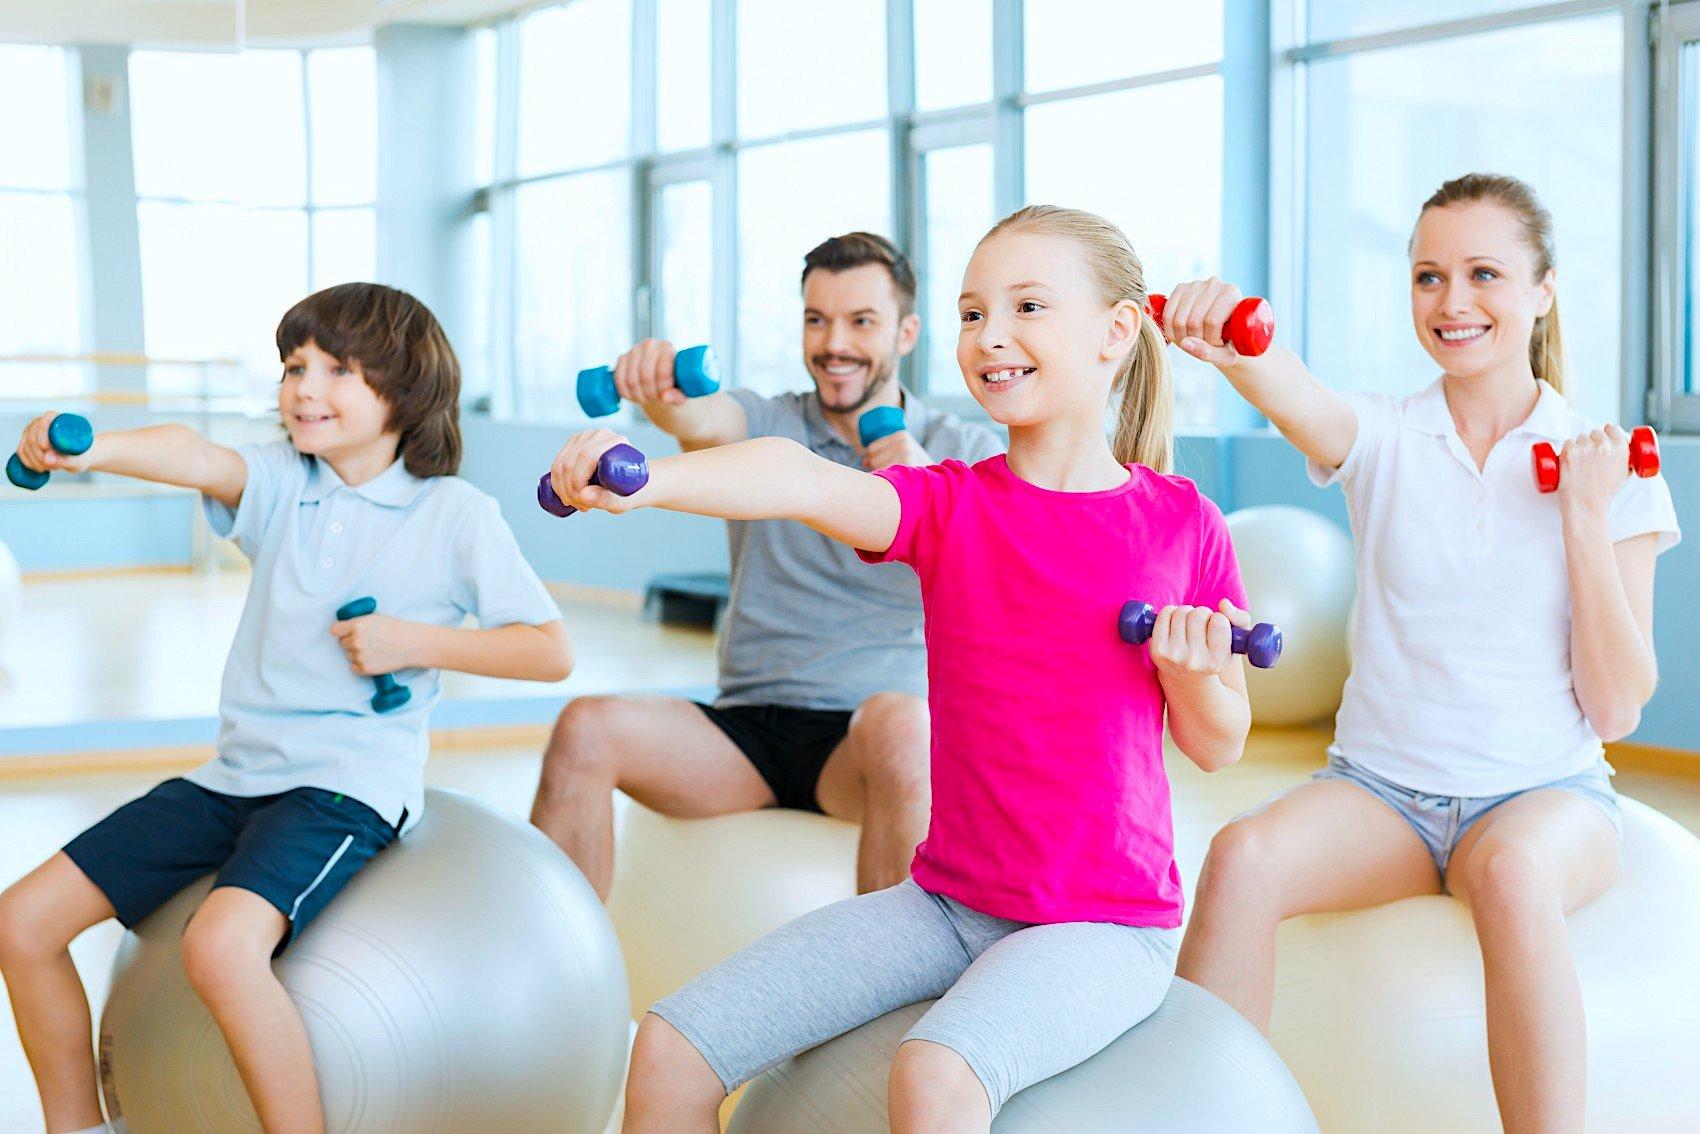 этот картинки с детьми занимающихся физкультурой такой